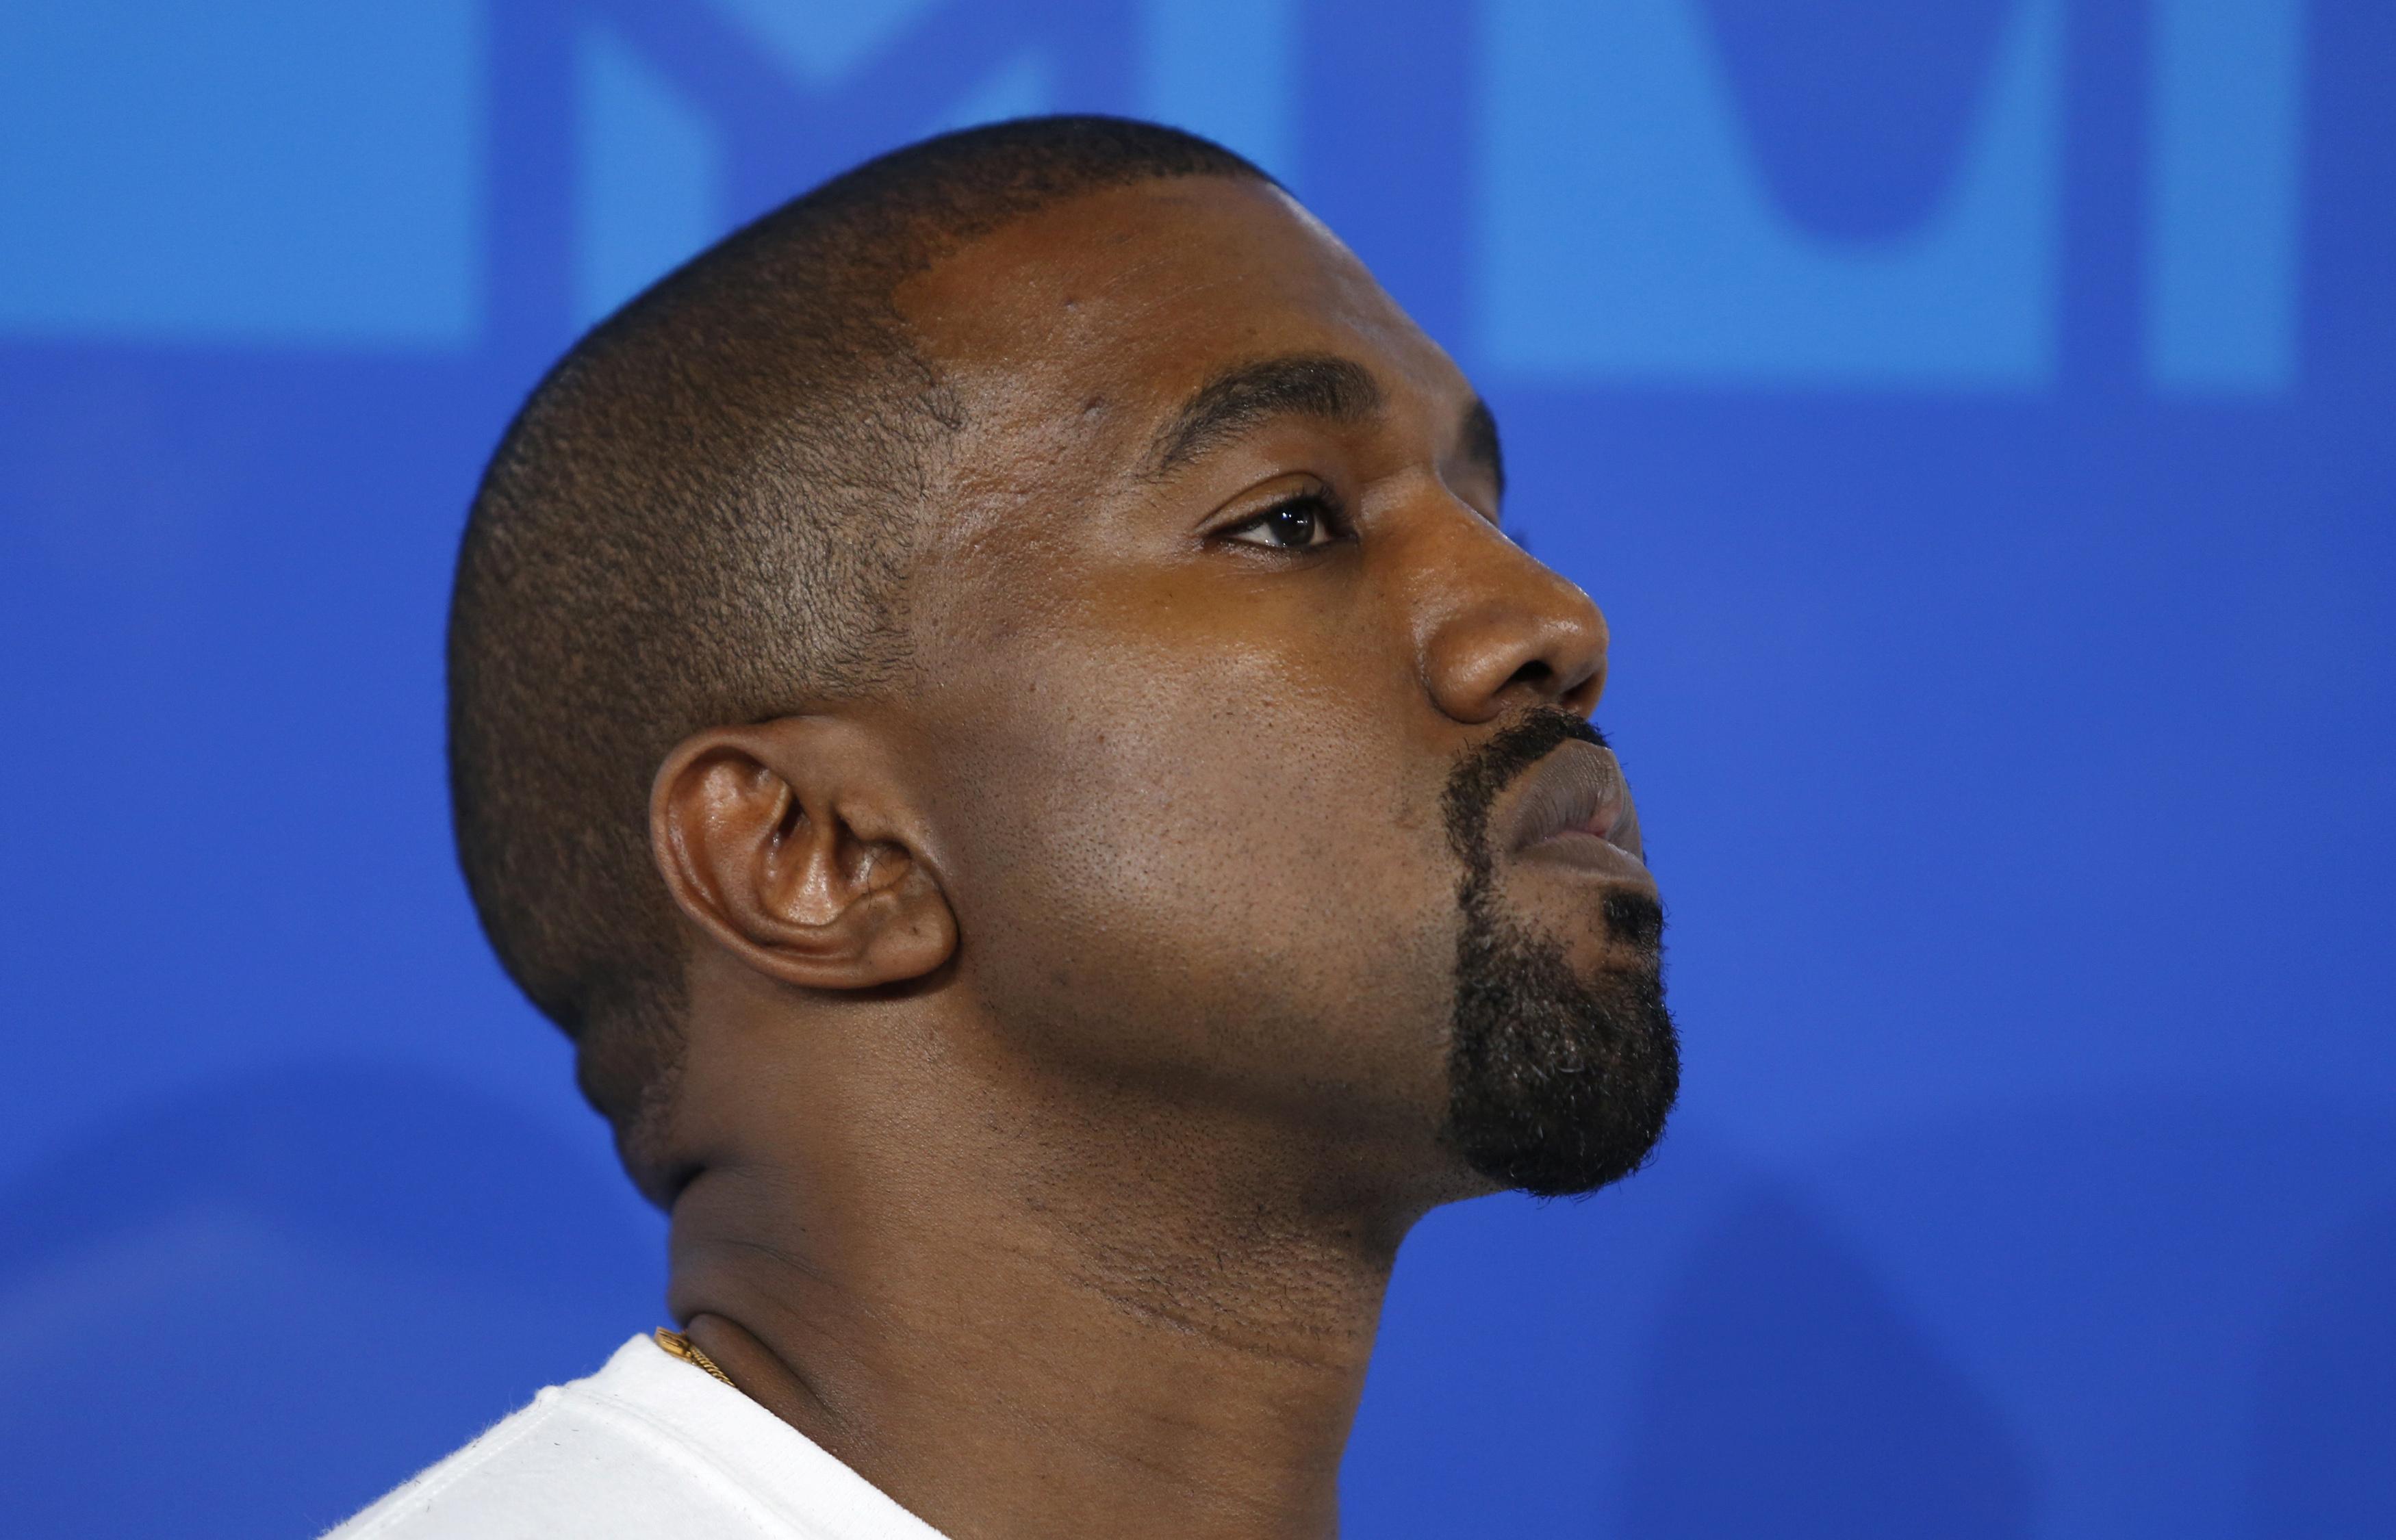 Rapper Kanye West arrives at the 2016 MTV Video Music Awards.